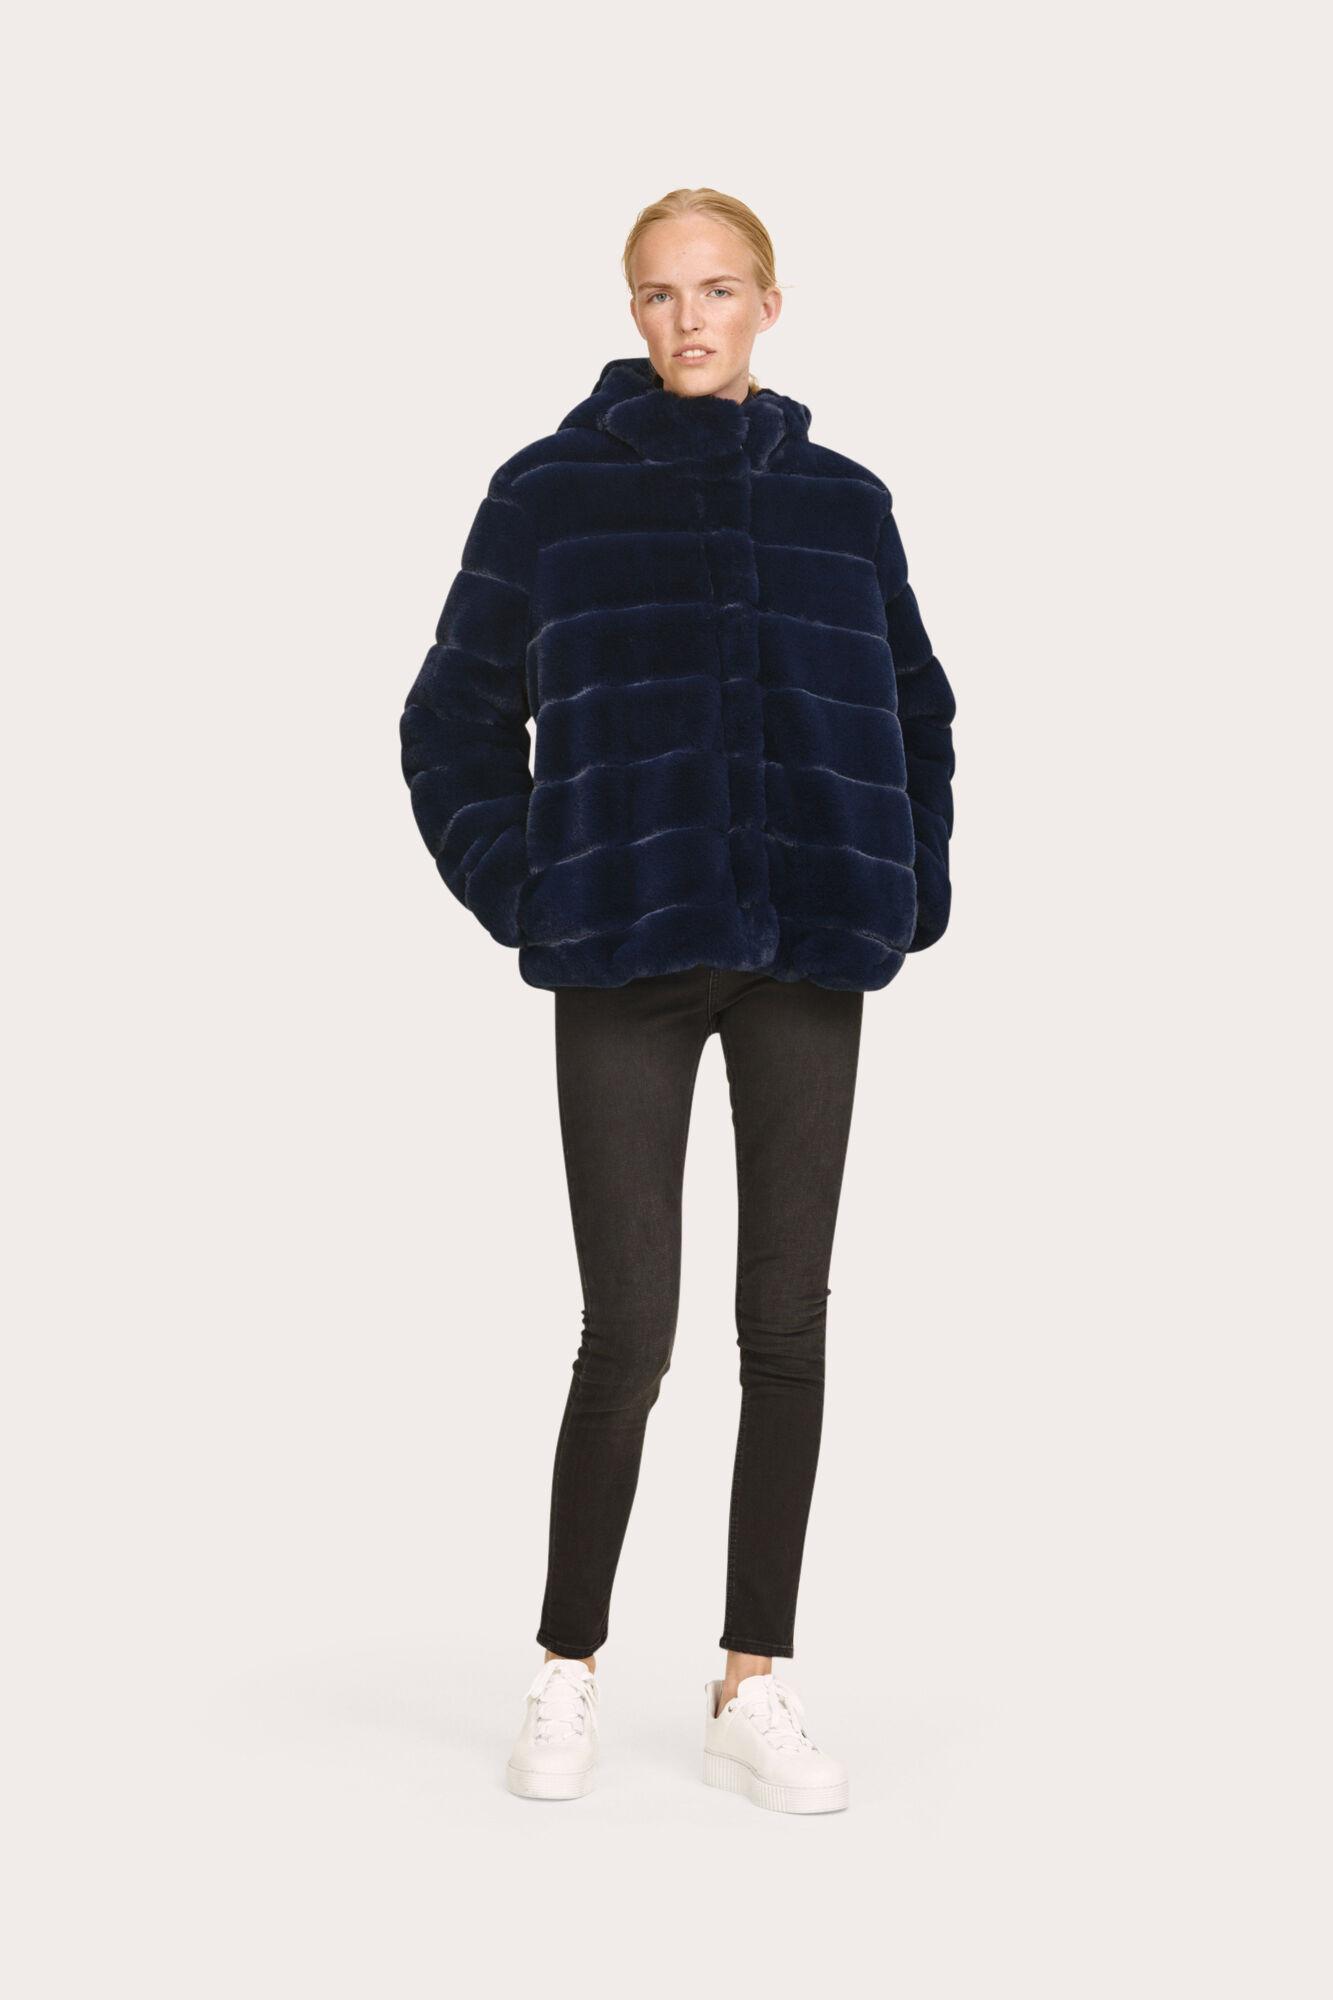 c7e8b55a Saba jacket 7309